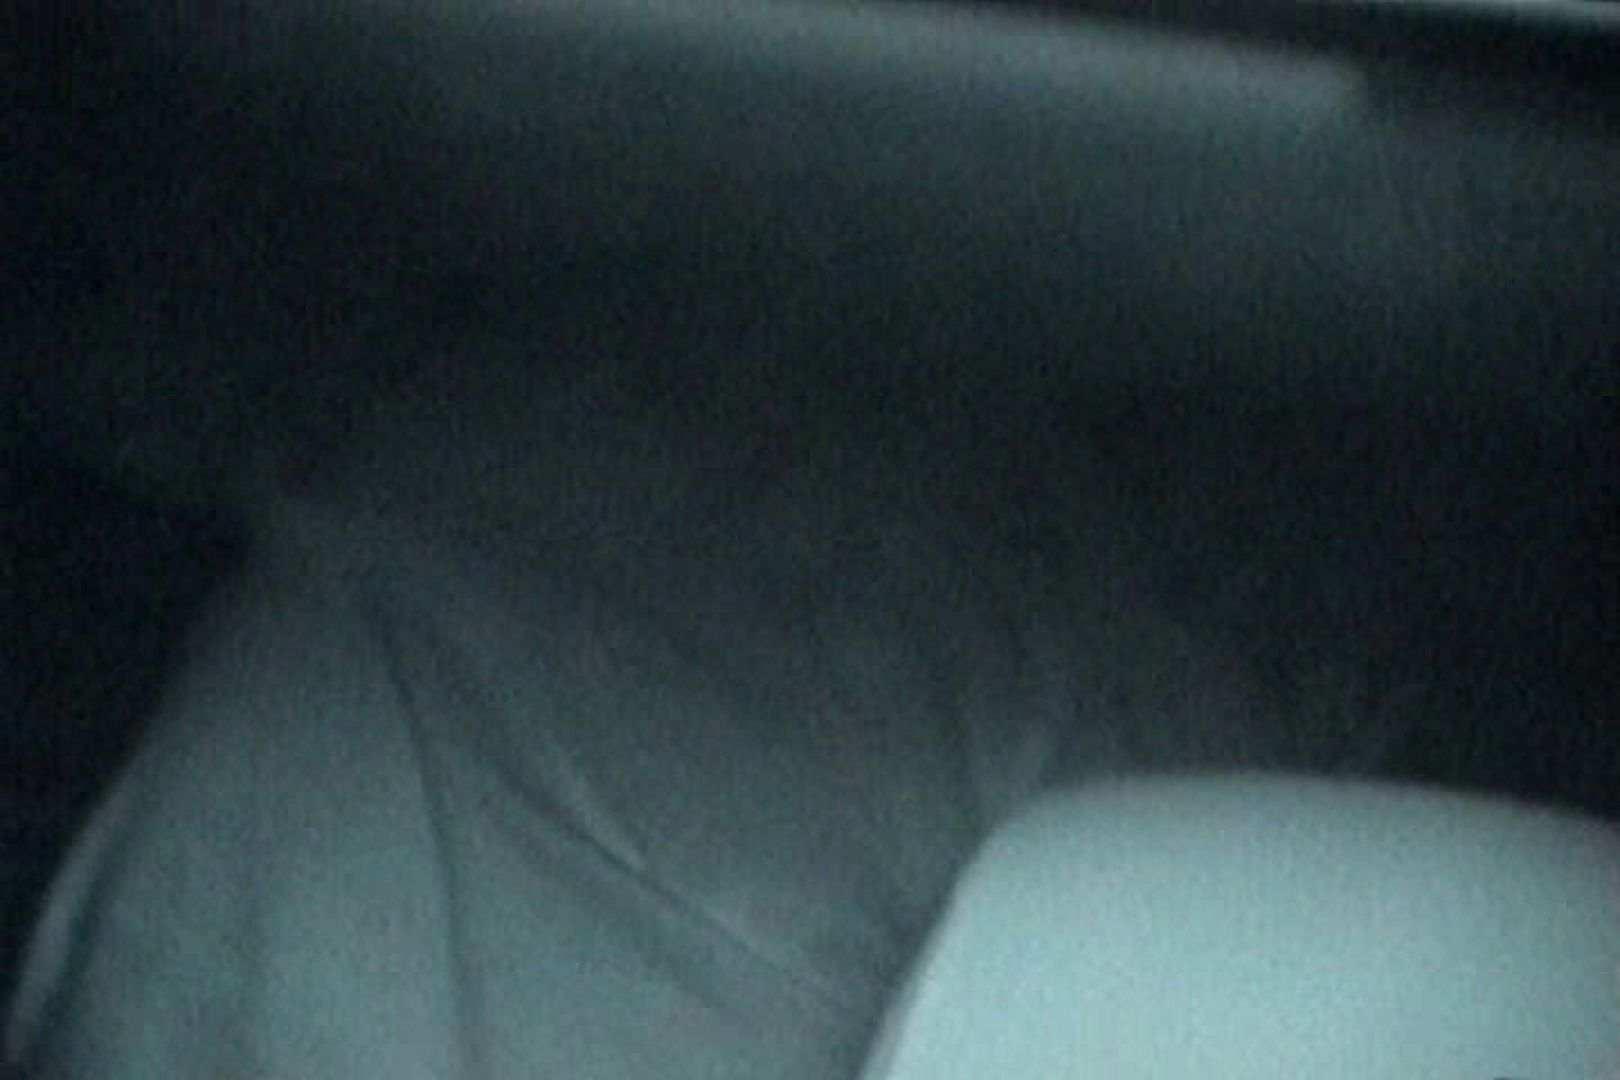 充血監督の深夜の運動会Vol.160 車の中のカップル | おまんこ無修正  82画像 65